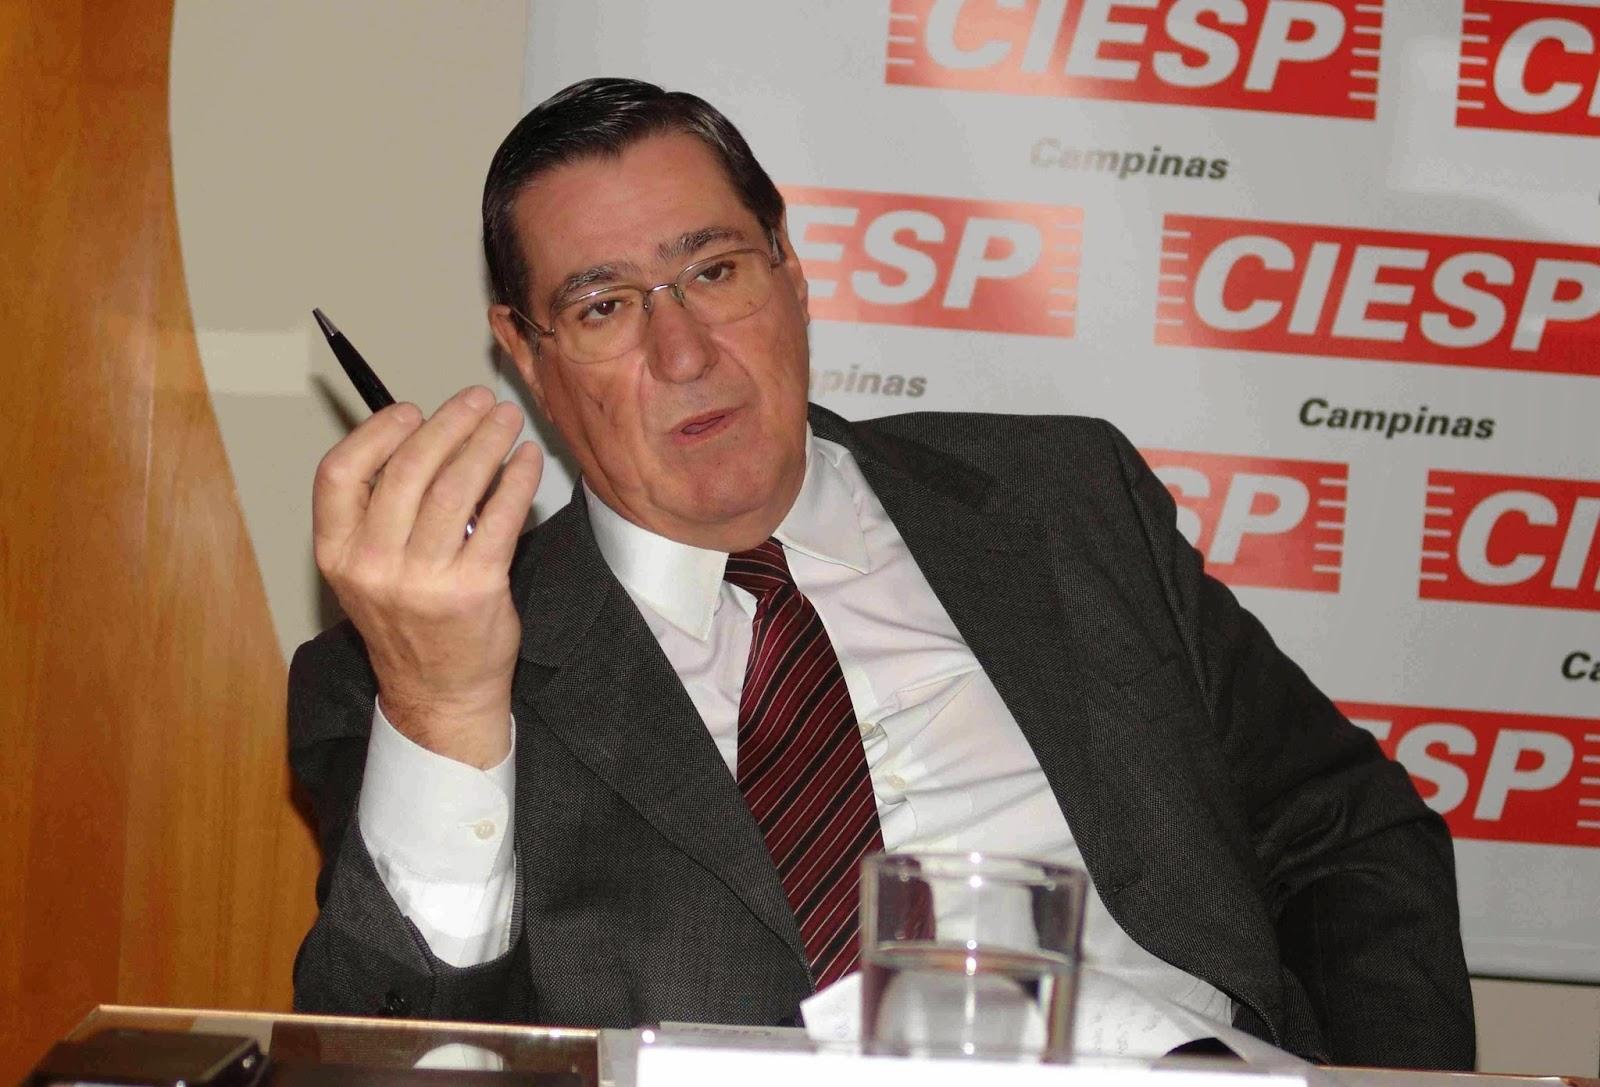 Anselmo_Riso_Diretor_Comercio_Exterior_Ciesp_crédito_Roncon&Graça_Comunicações 1